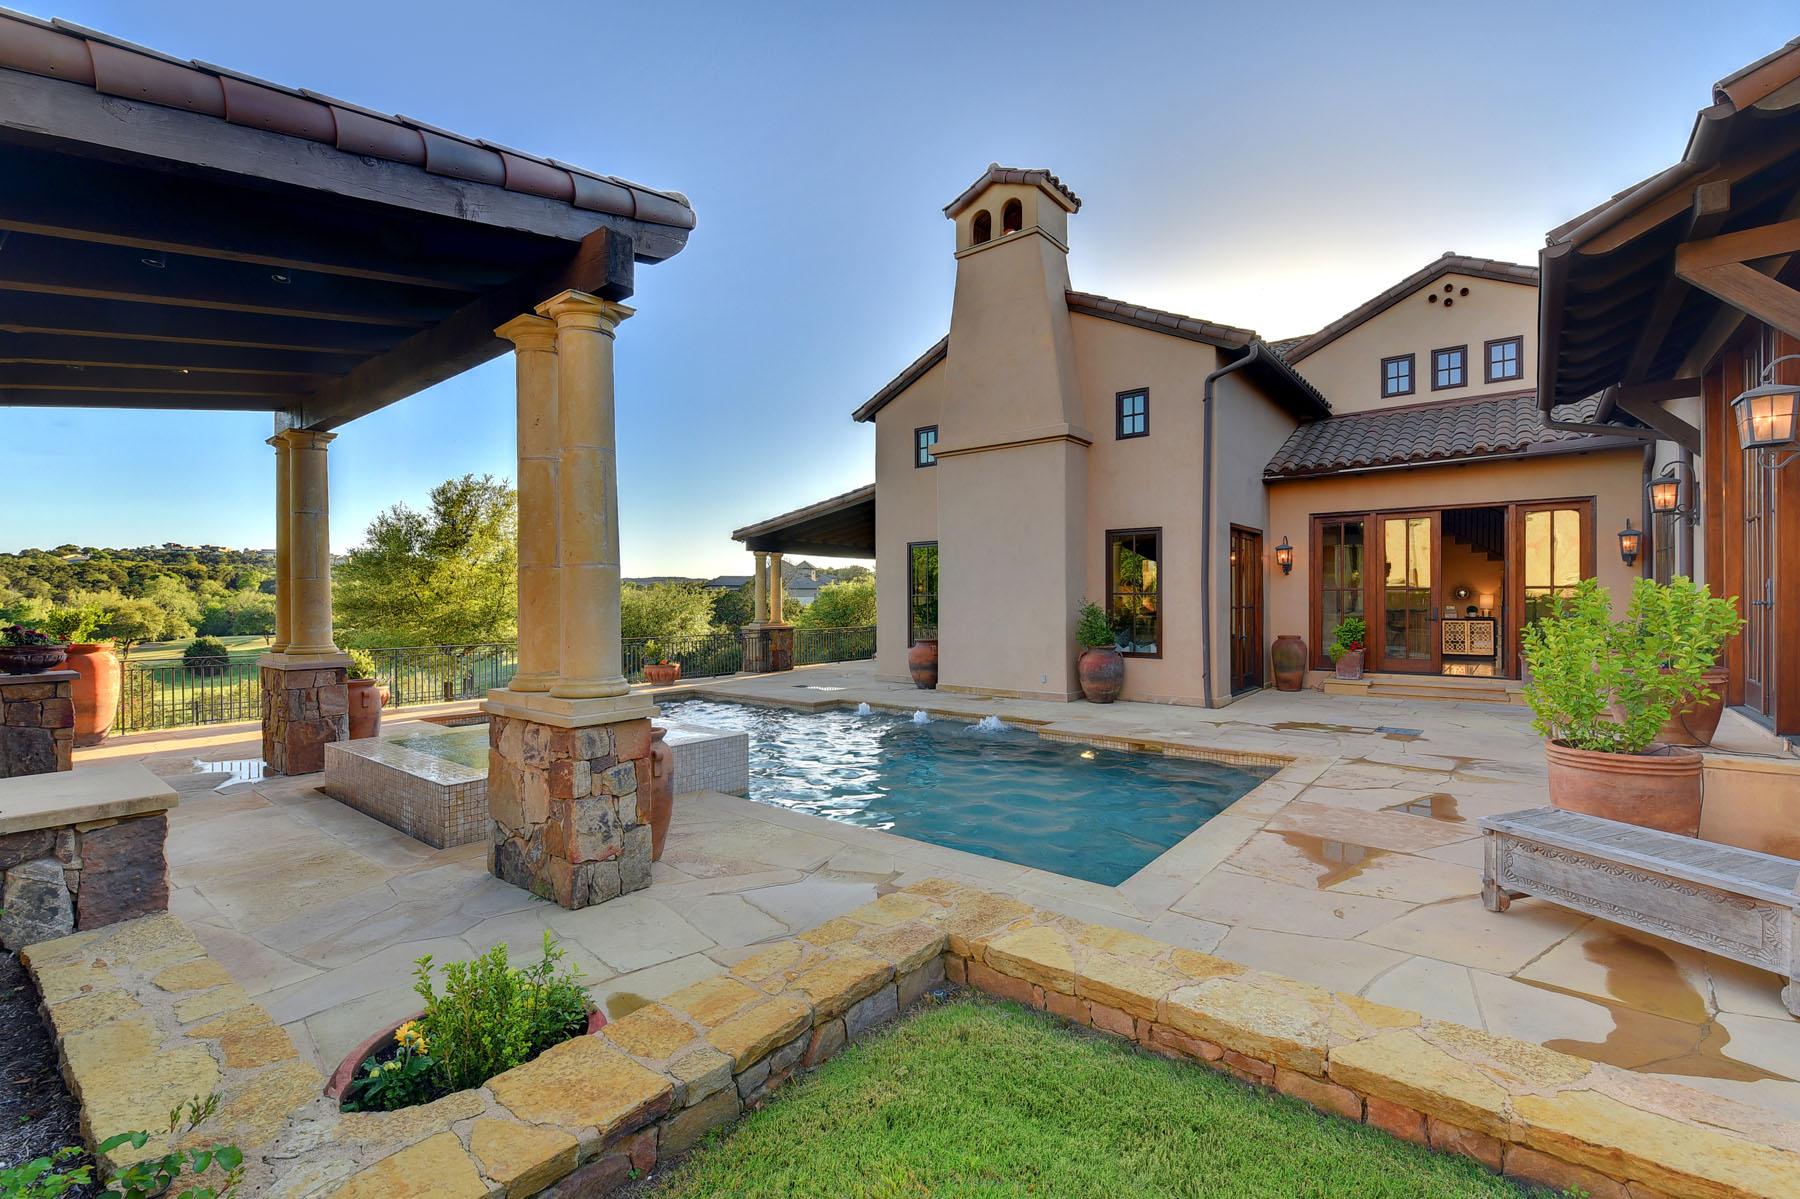 Casa Unifamiliar por un Venta en Old World Elegance 8533 Calera Dr Austin, Texas 78735 Estados Unidos